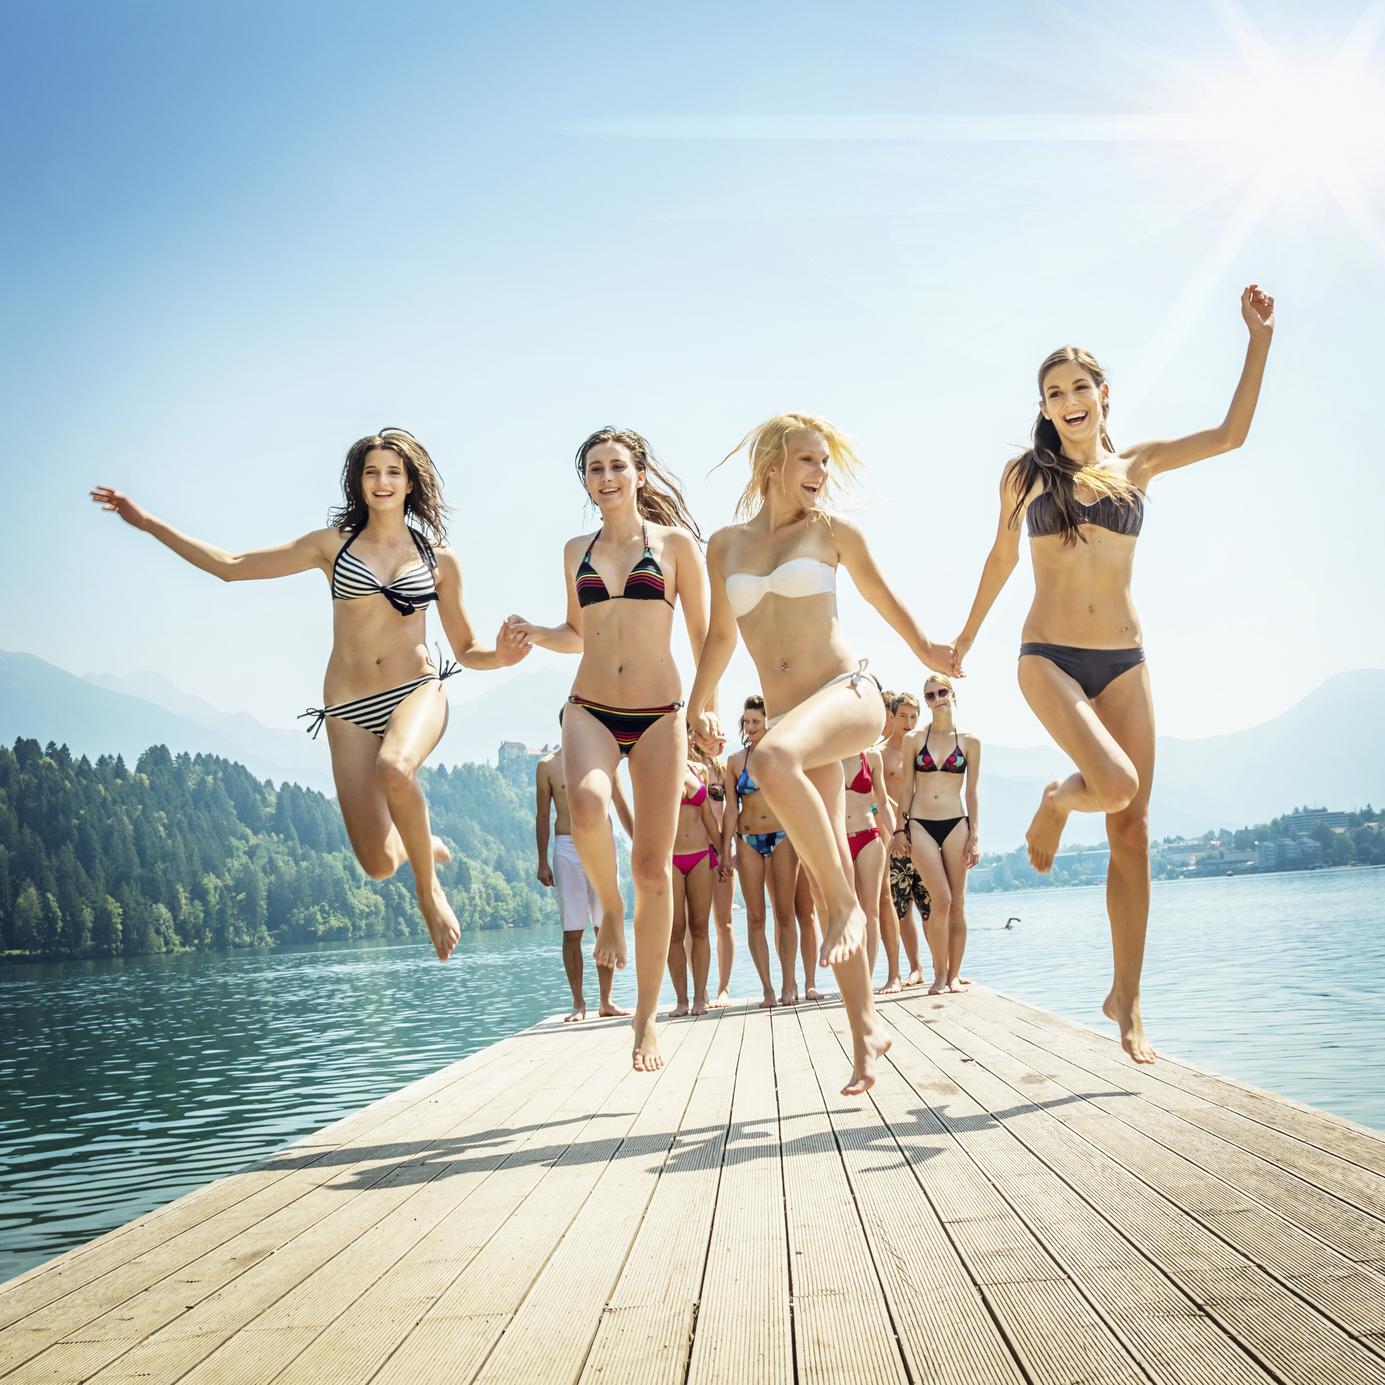 Beach Girls Cheering on Jetty